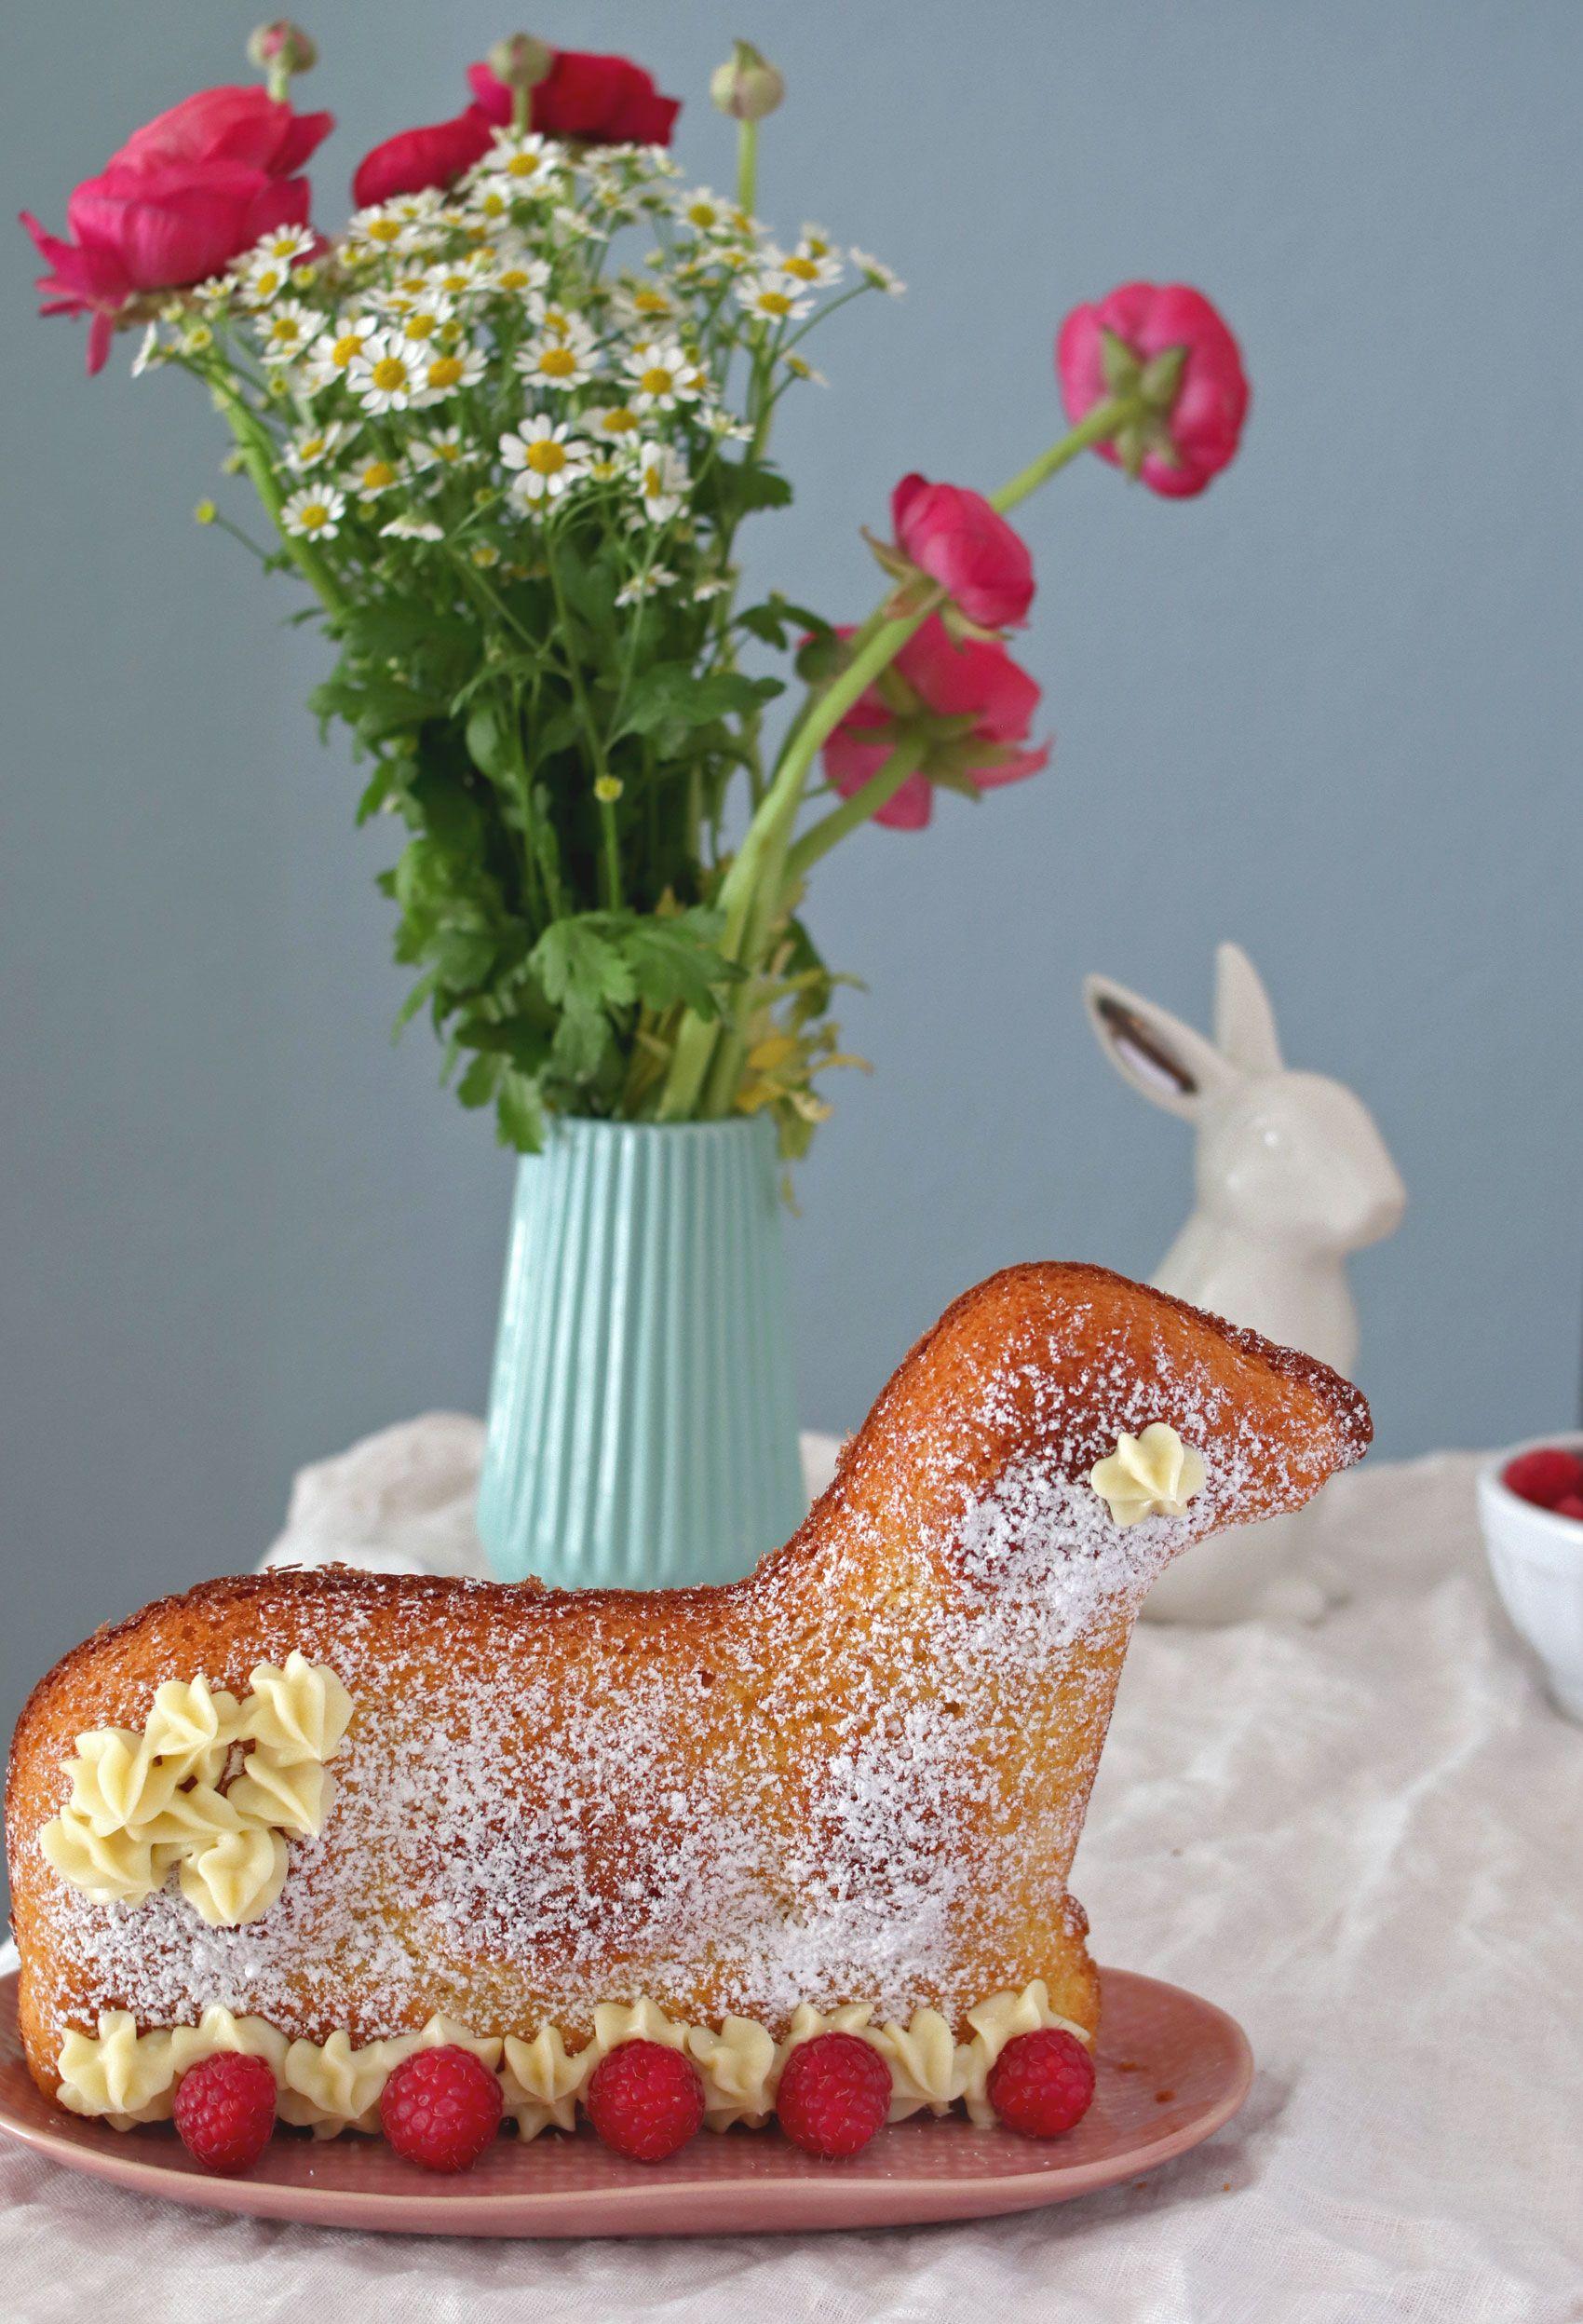 Rezept saftiges Osterlamm backen aus Biskuitteig - Osterrezept